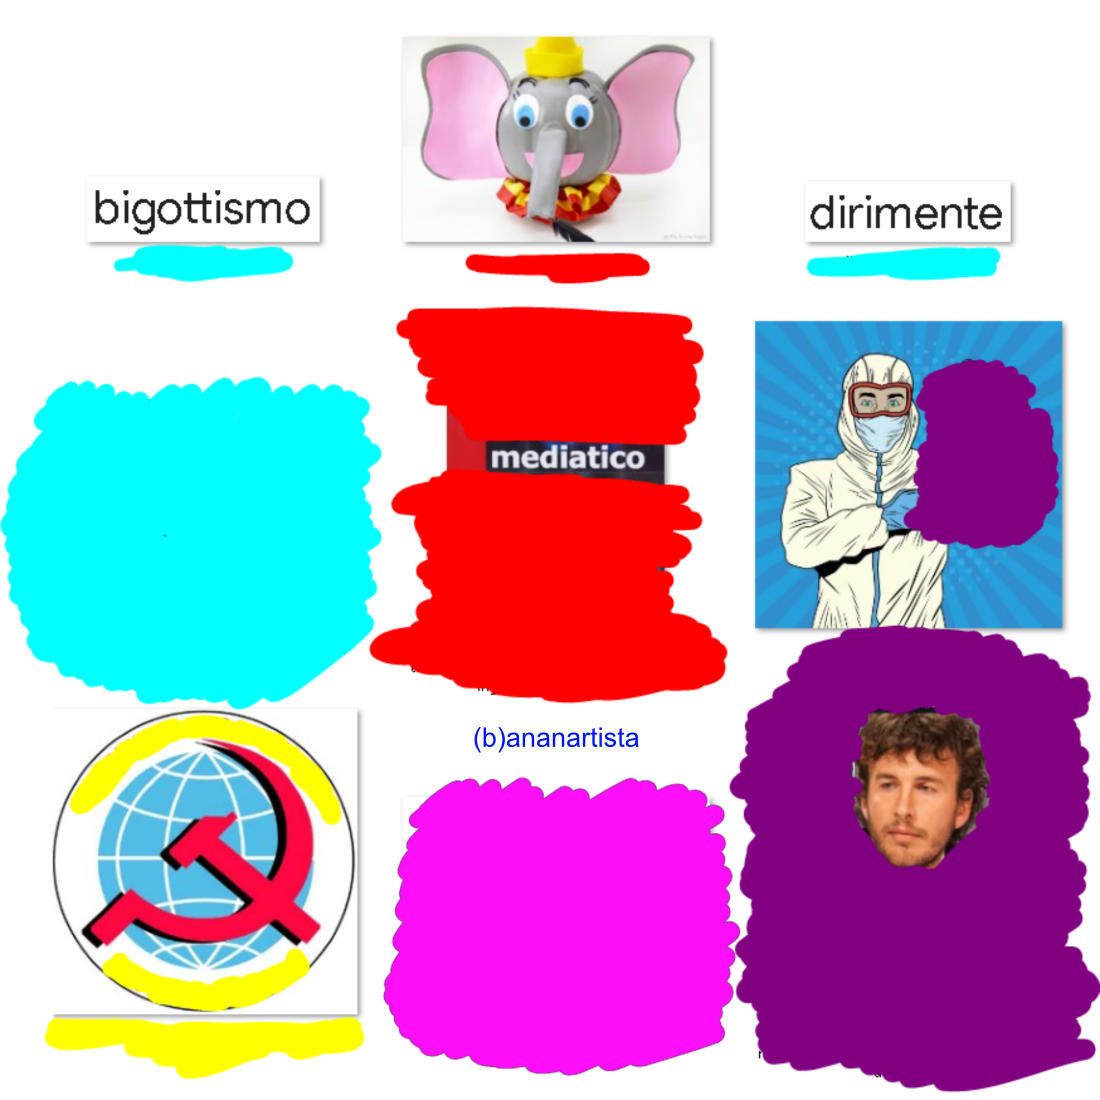 bigottismo mediatico dirimente : collage di (b)ananartista sbuff